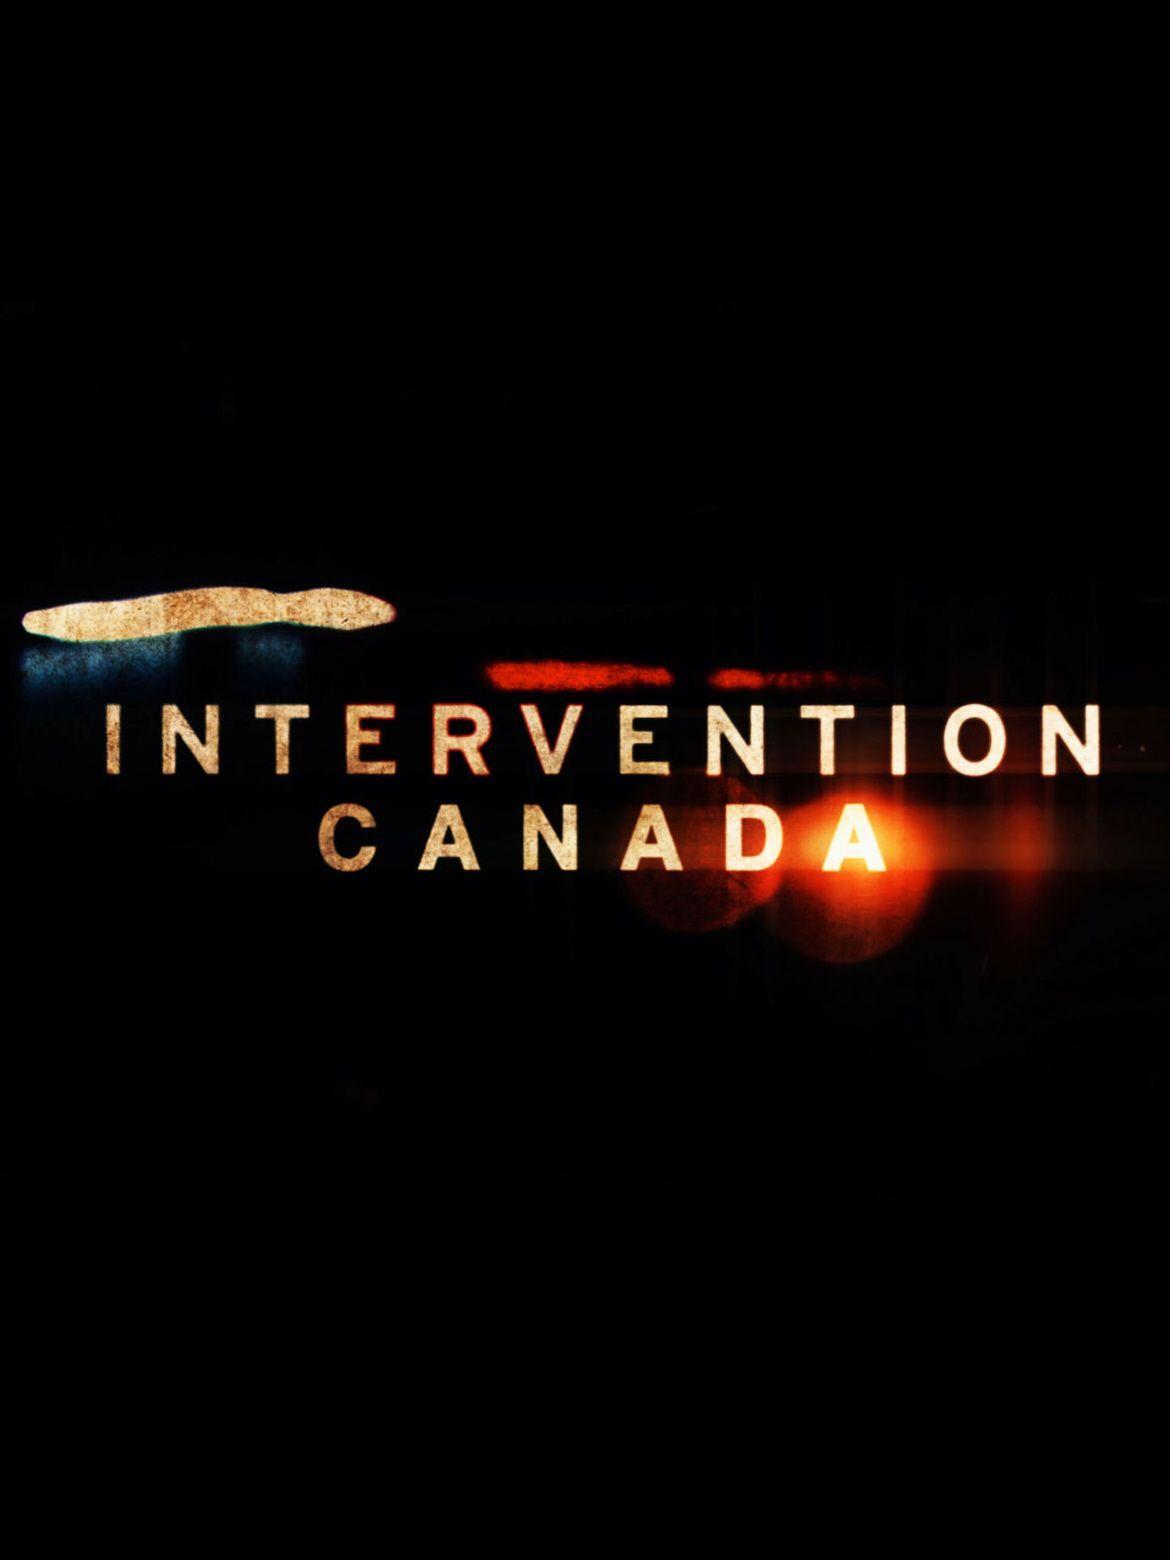 Intervention Canada Premieres on T+E, April 1 at 9 p.m. ET